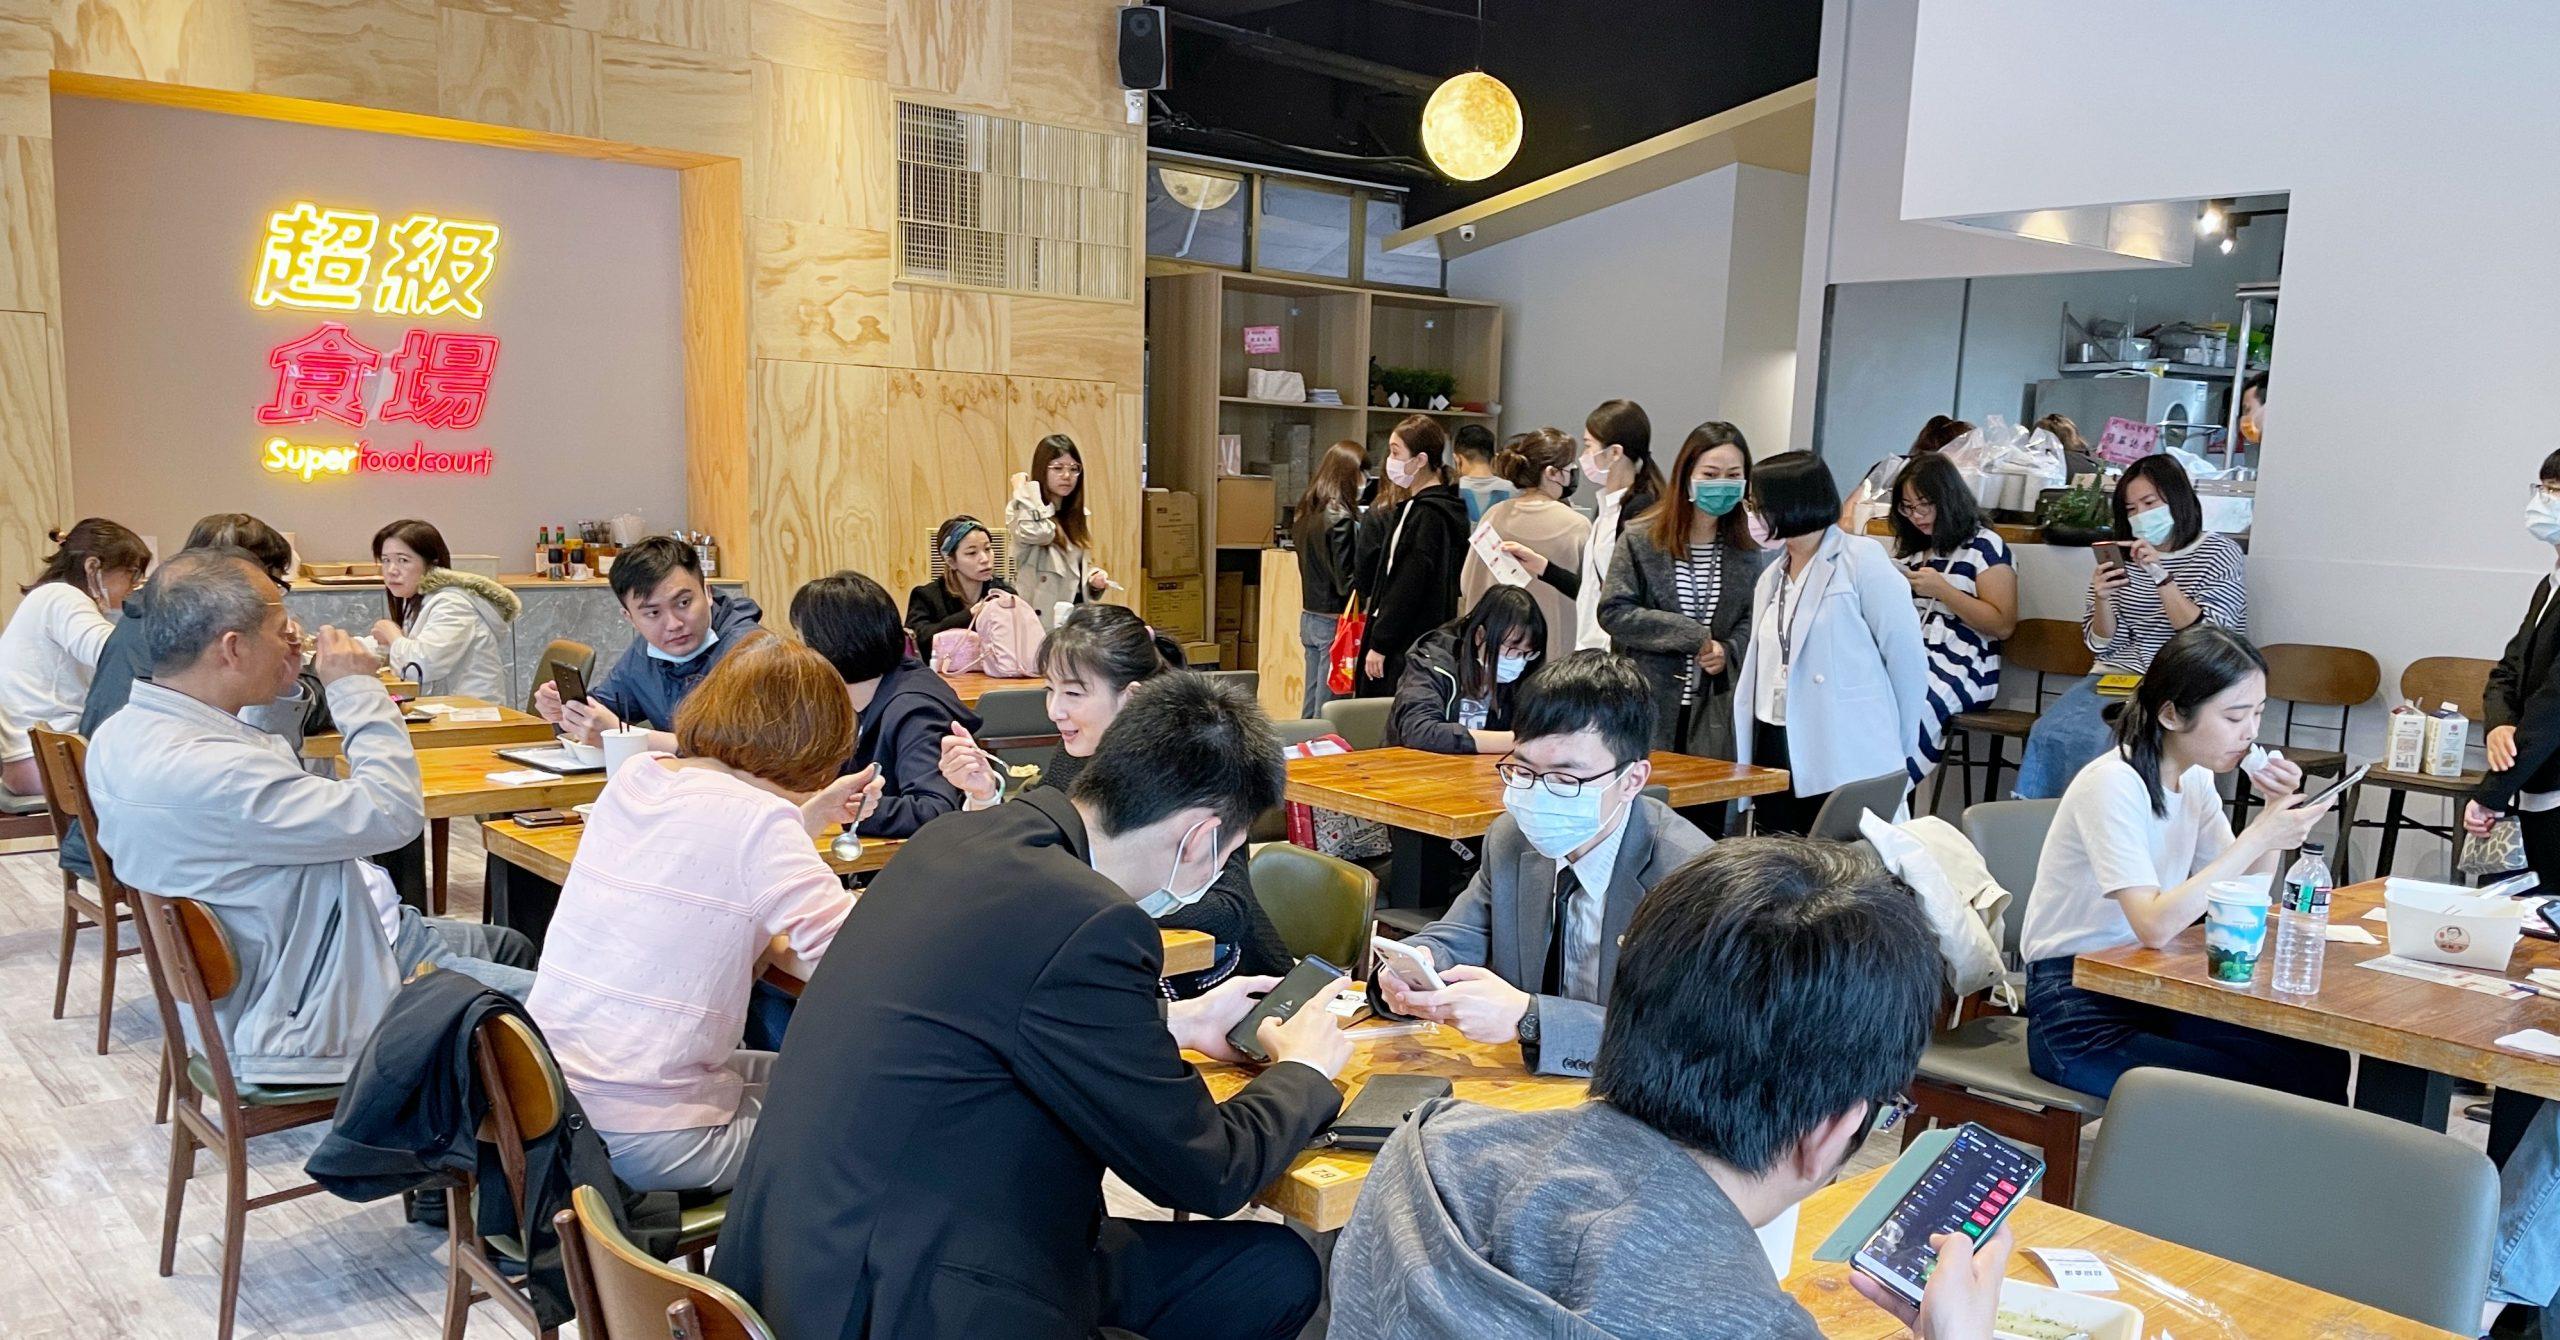 即時熱門文章:【南京復興美食】超級食場-吃義燉飯/布咕咖哩/鹹酥李/甘淋良茶